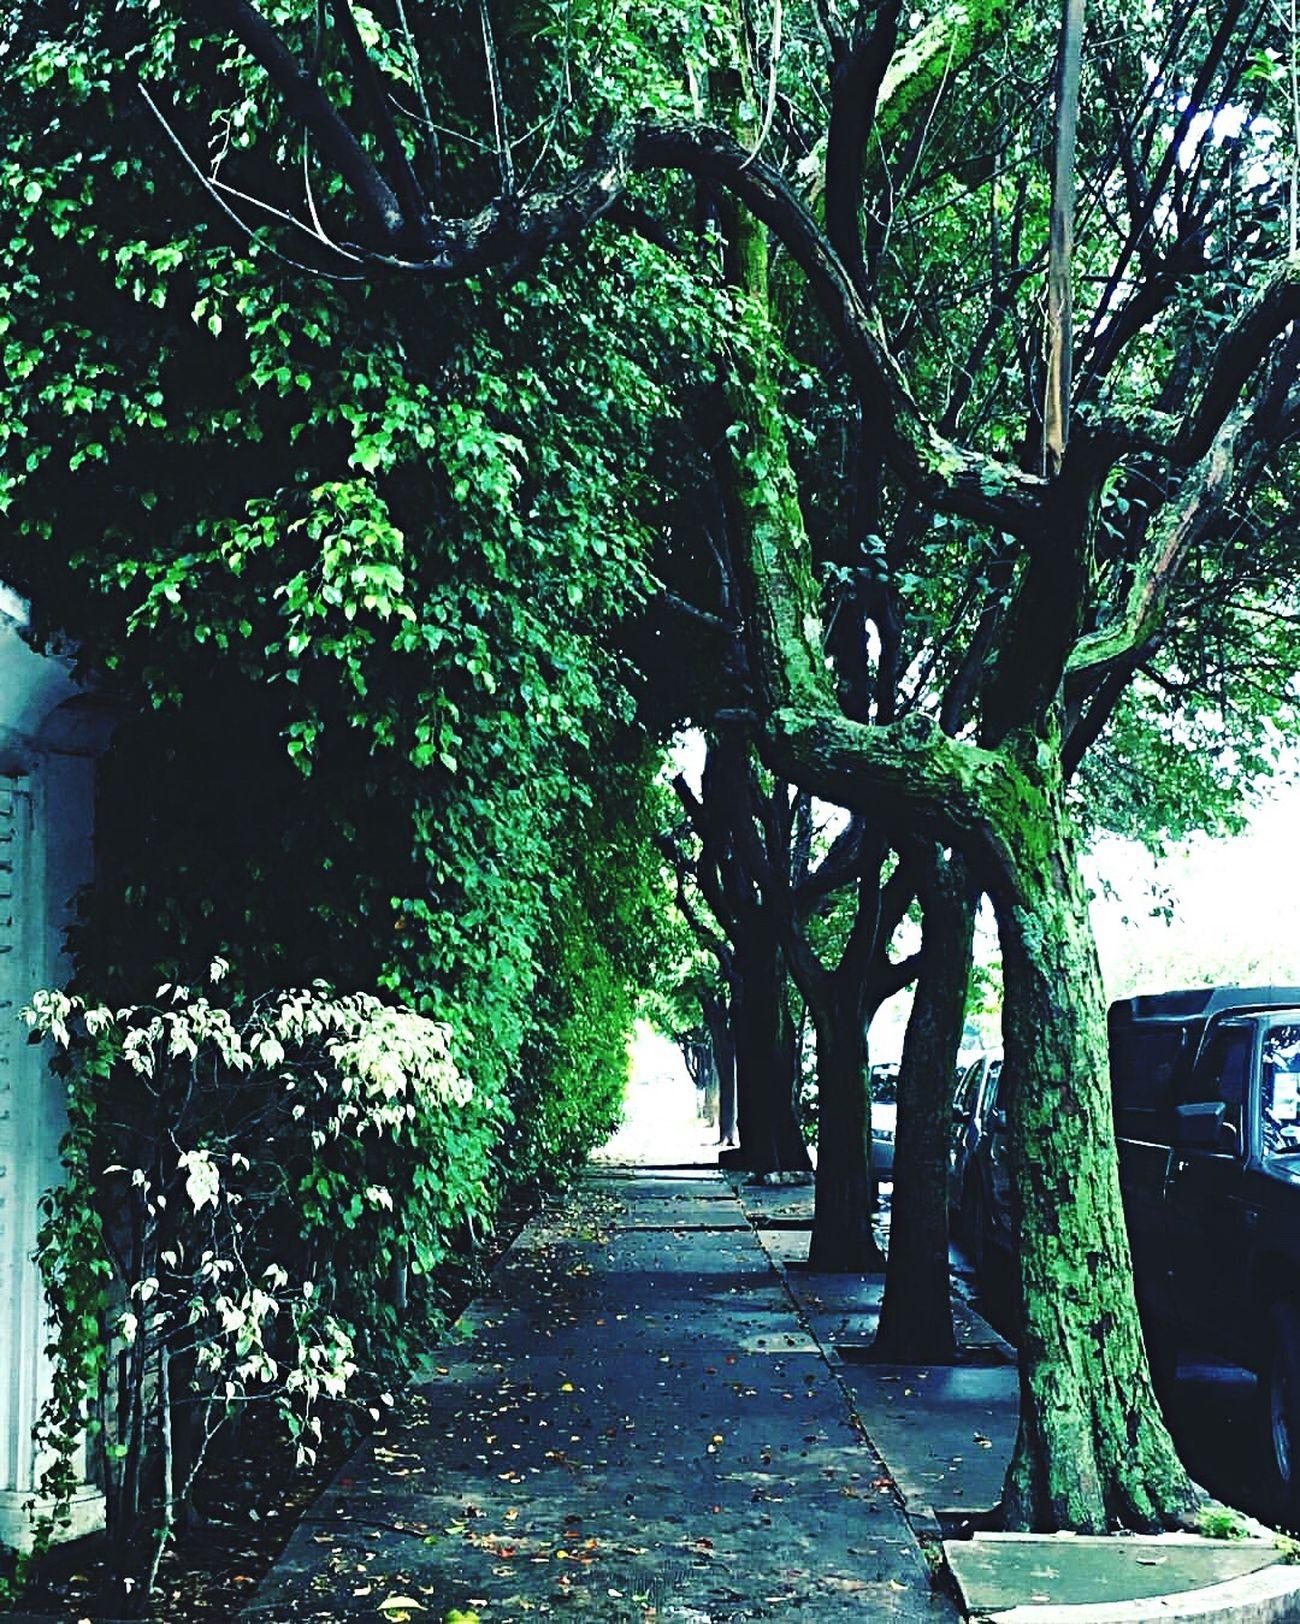 Cambiar de ruta puede ser placentero Tree The Way Forward Nature Green Branch Disfrutando De La Vida